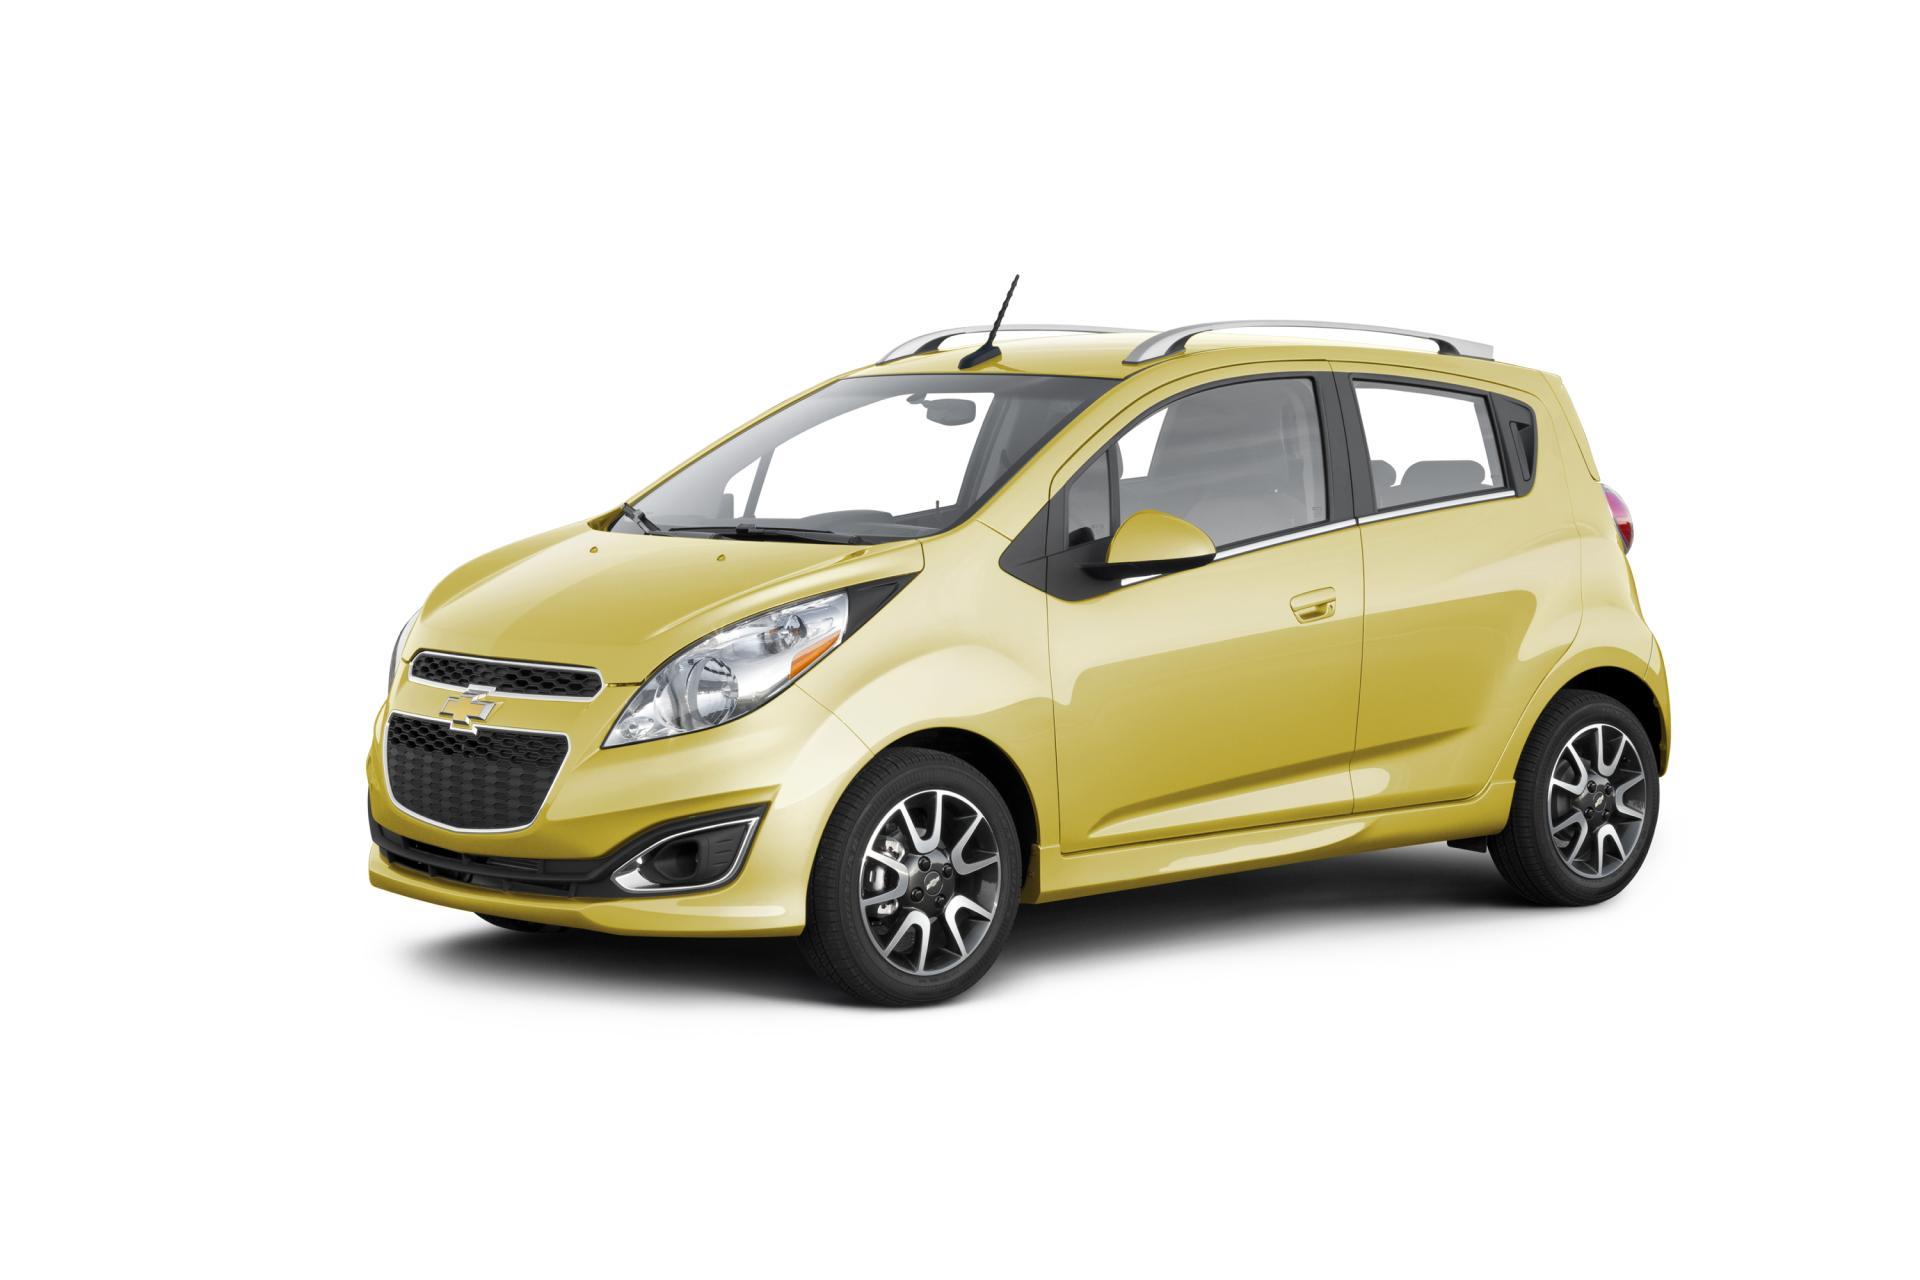 Kelebihan Kekurangan Chevrolet Spark 2013 Perbandingan Harga